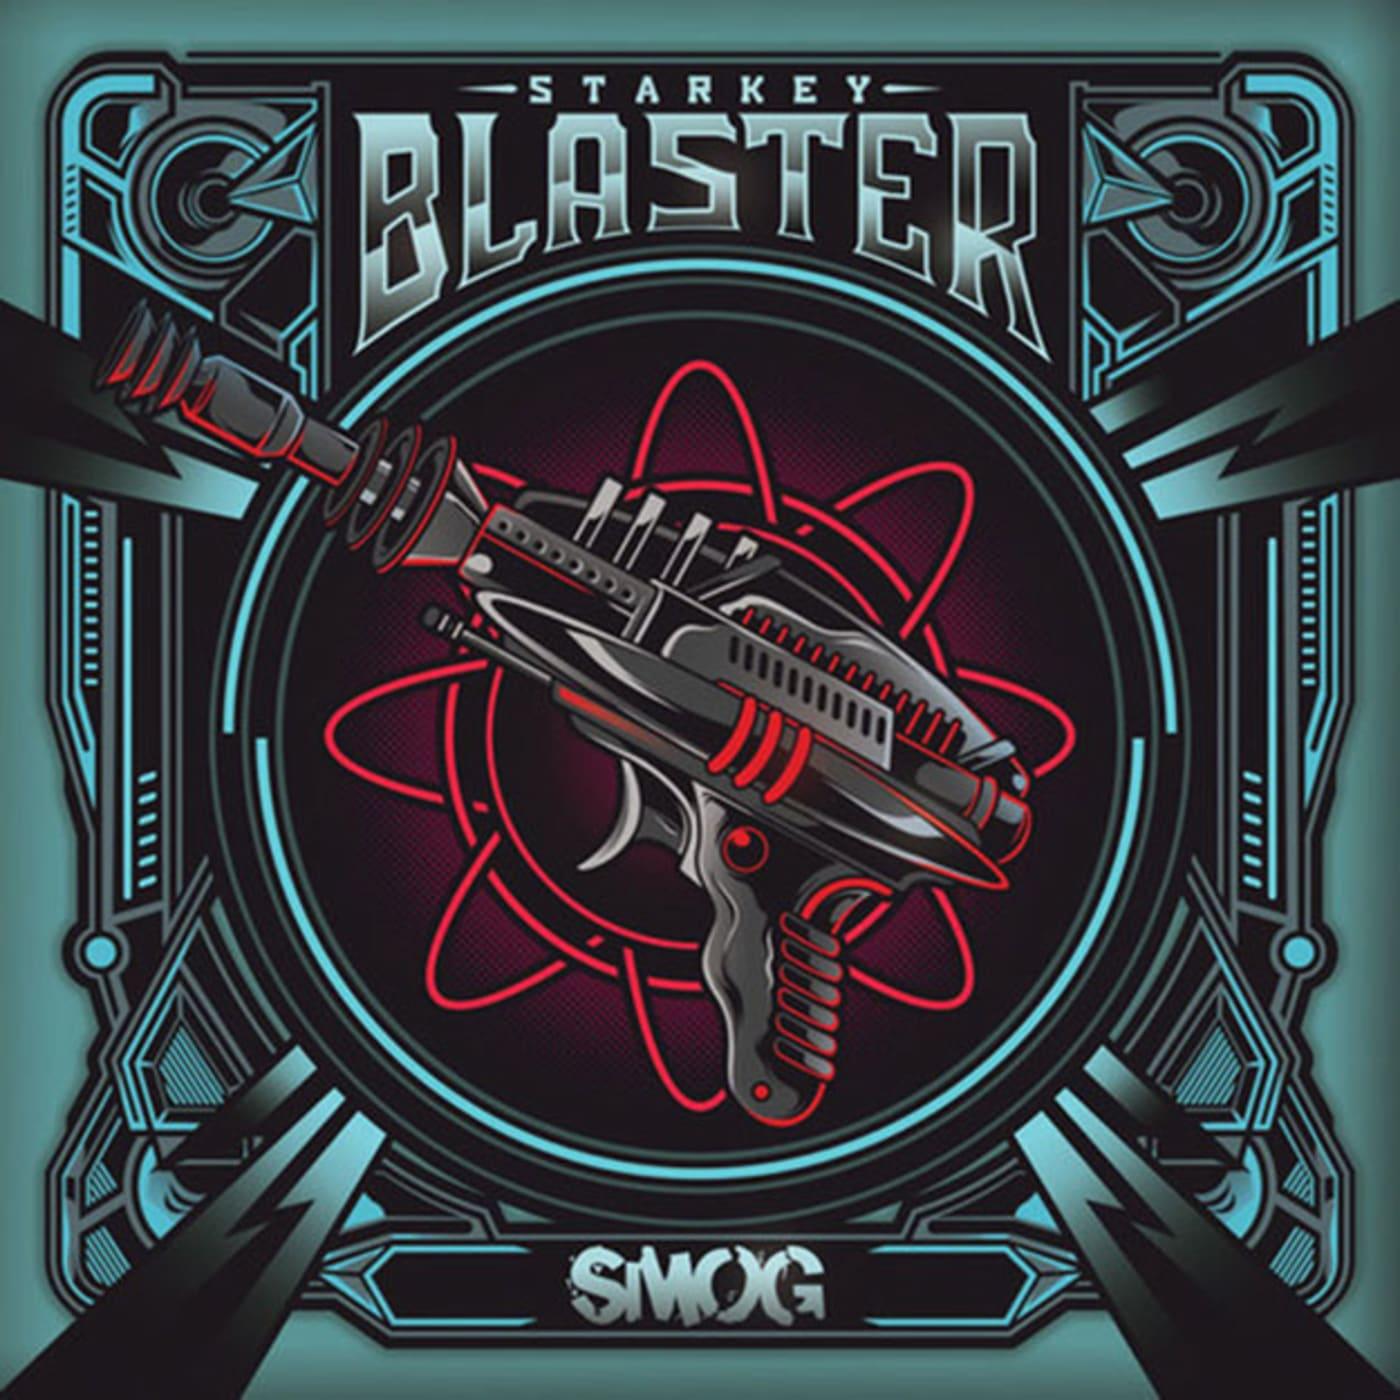 starkey blaster